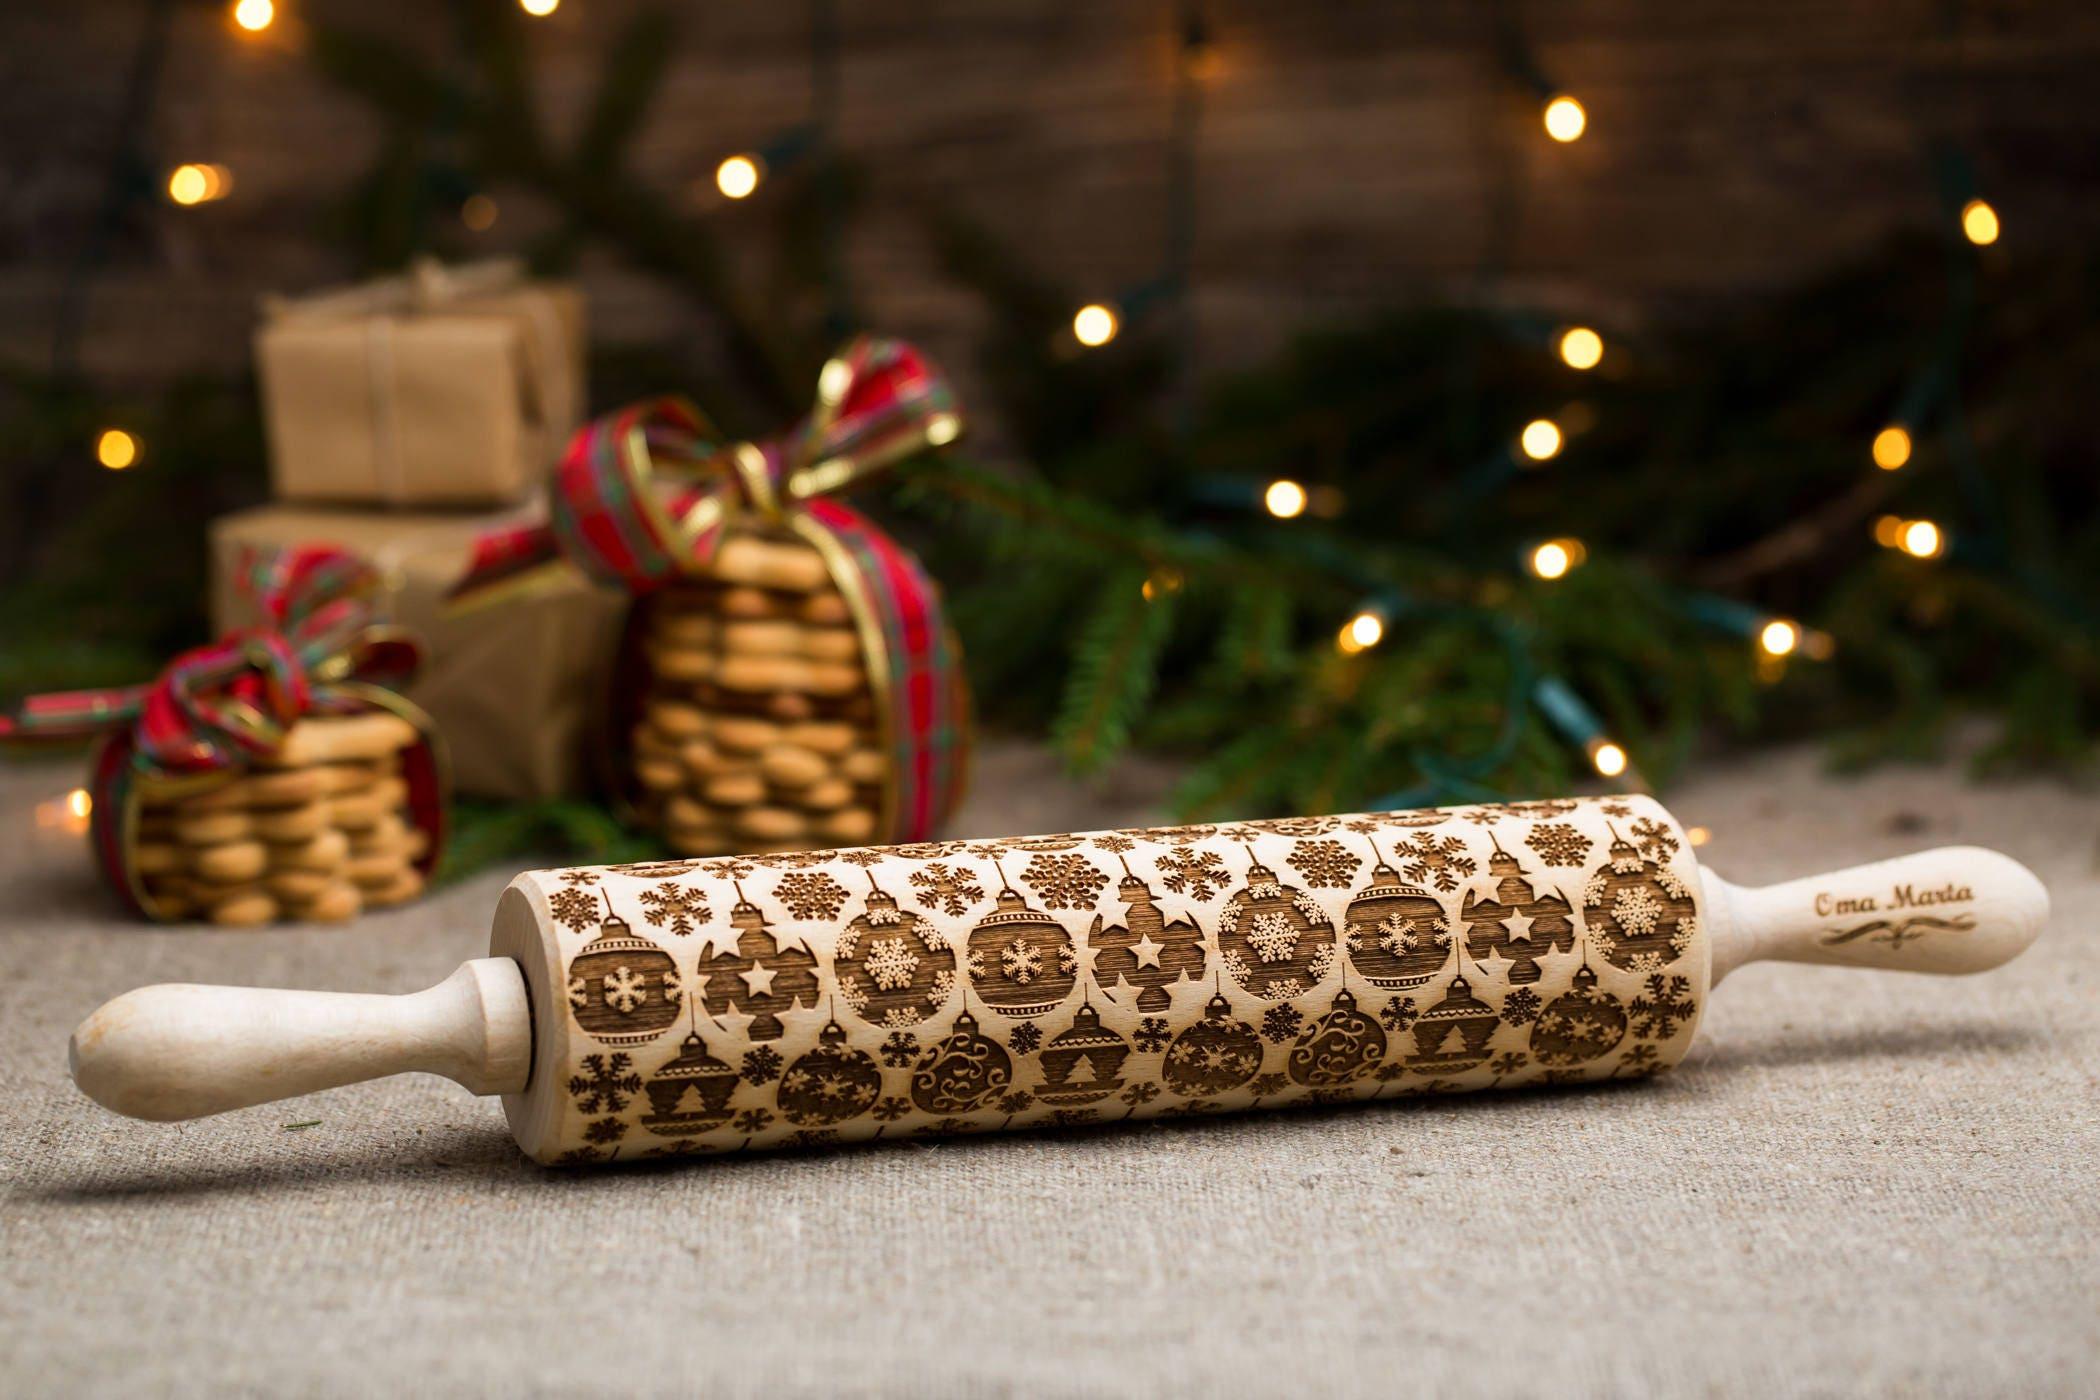 Weihnachten Geschenke graviert Nudelholz geprägtem Nudelholz | Etsy